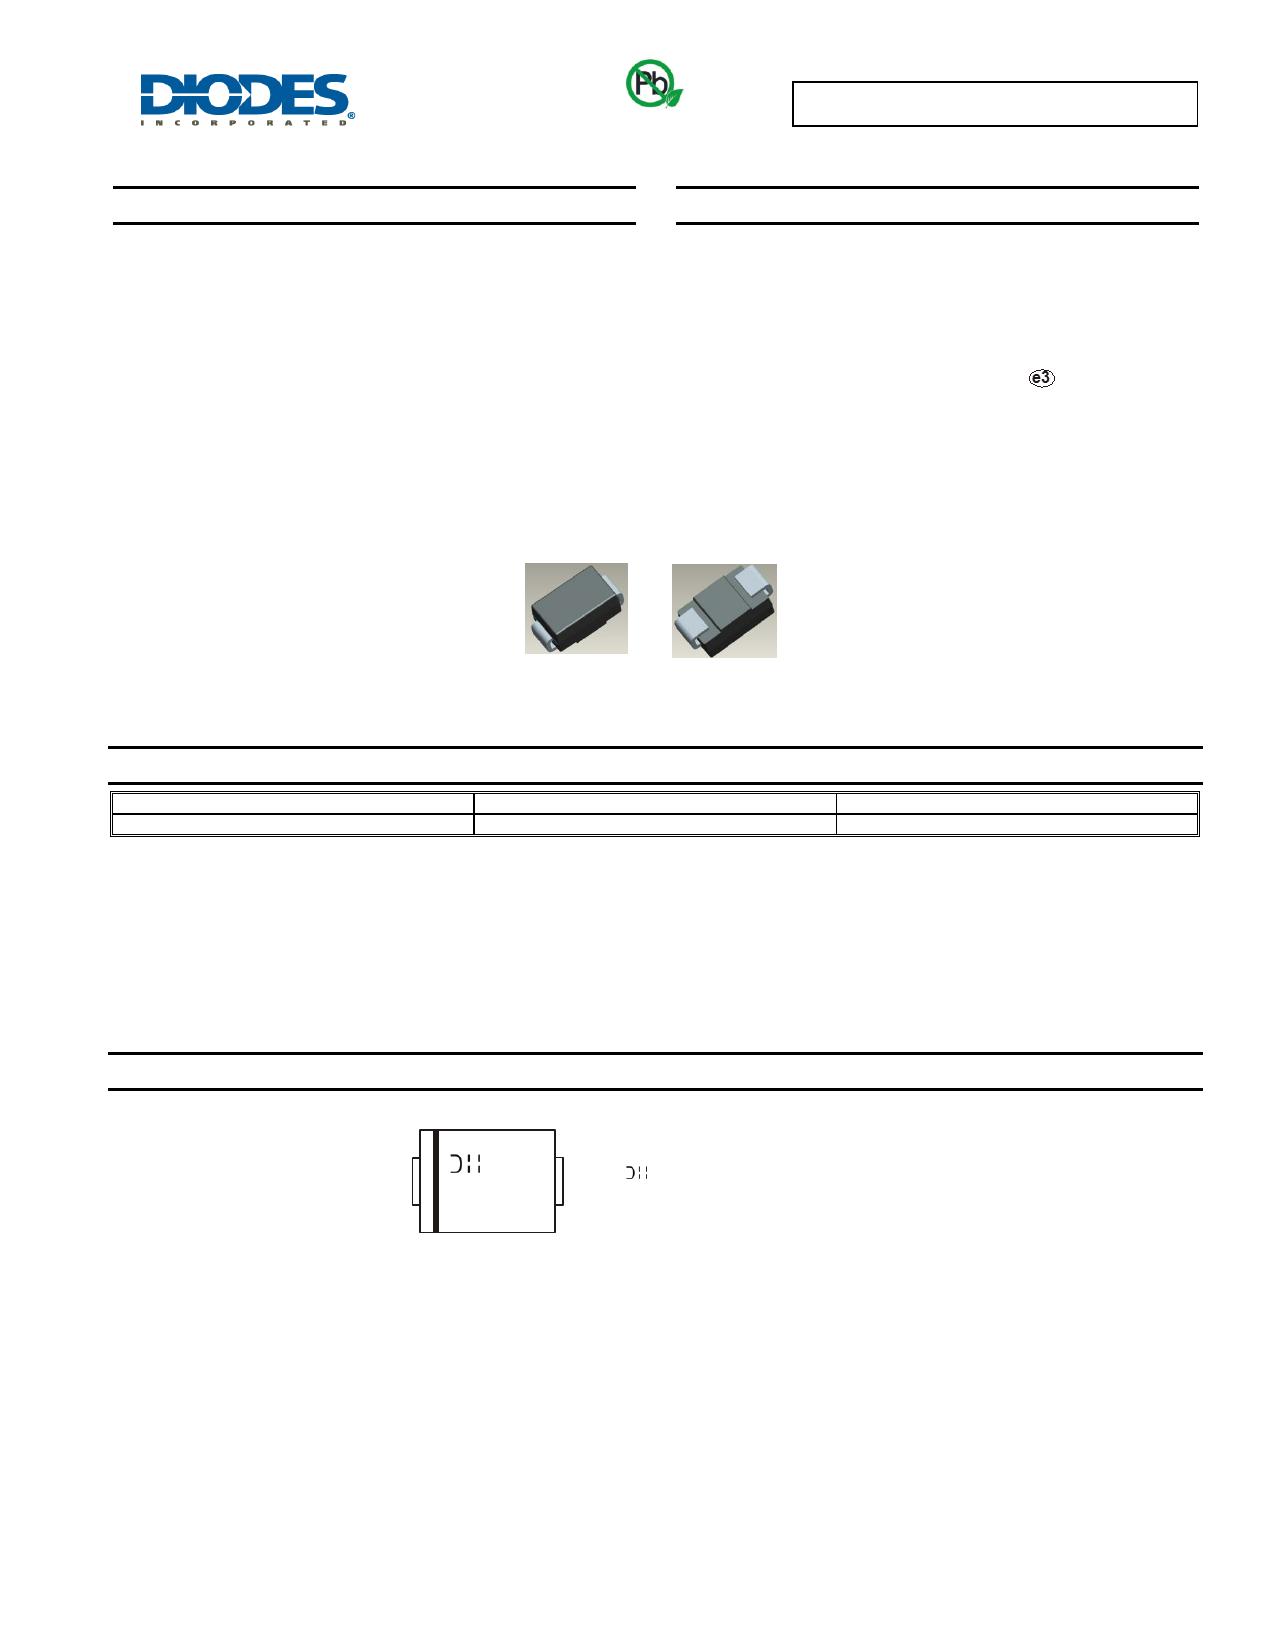 SMAJ85CA datasheet